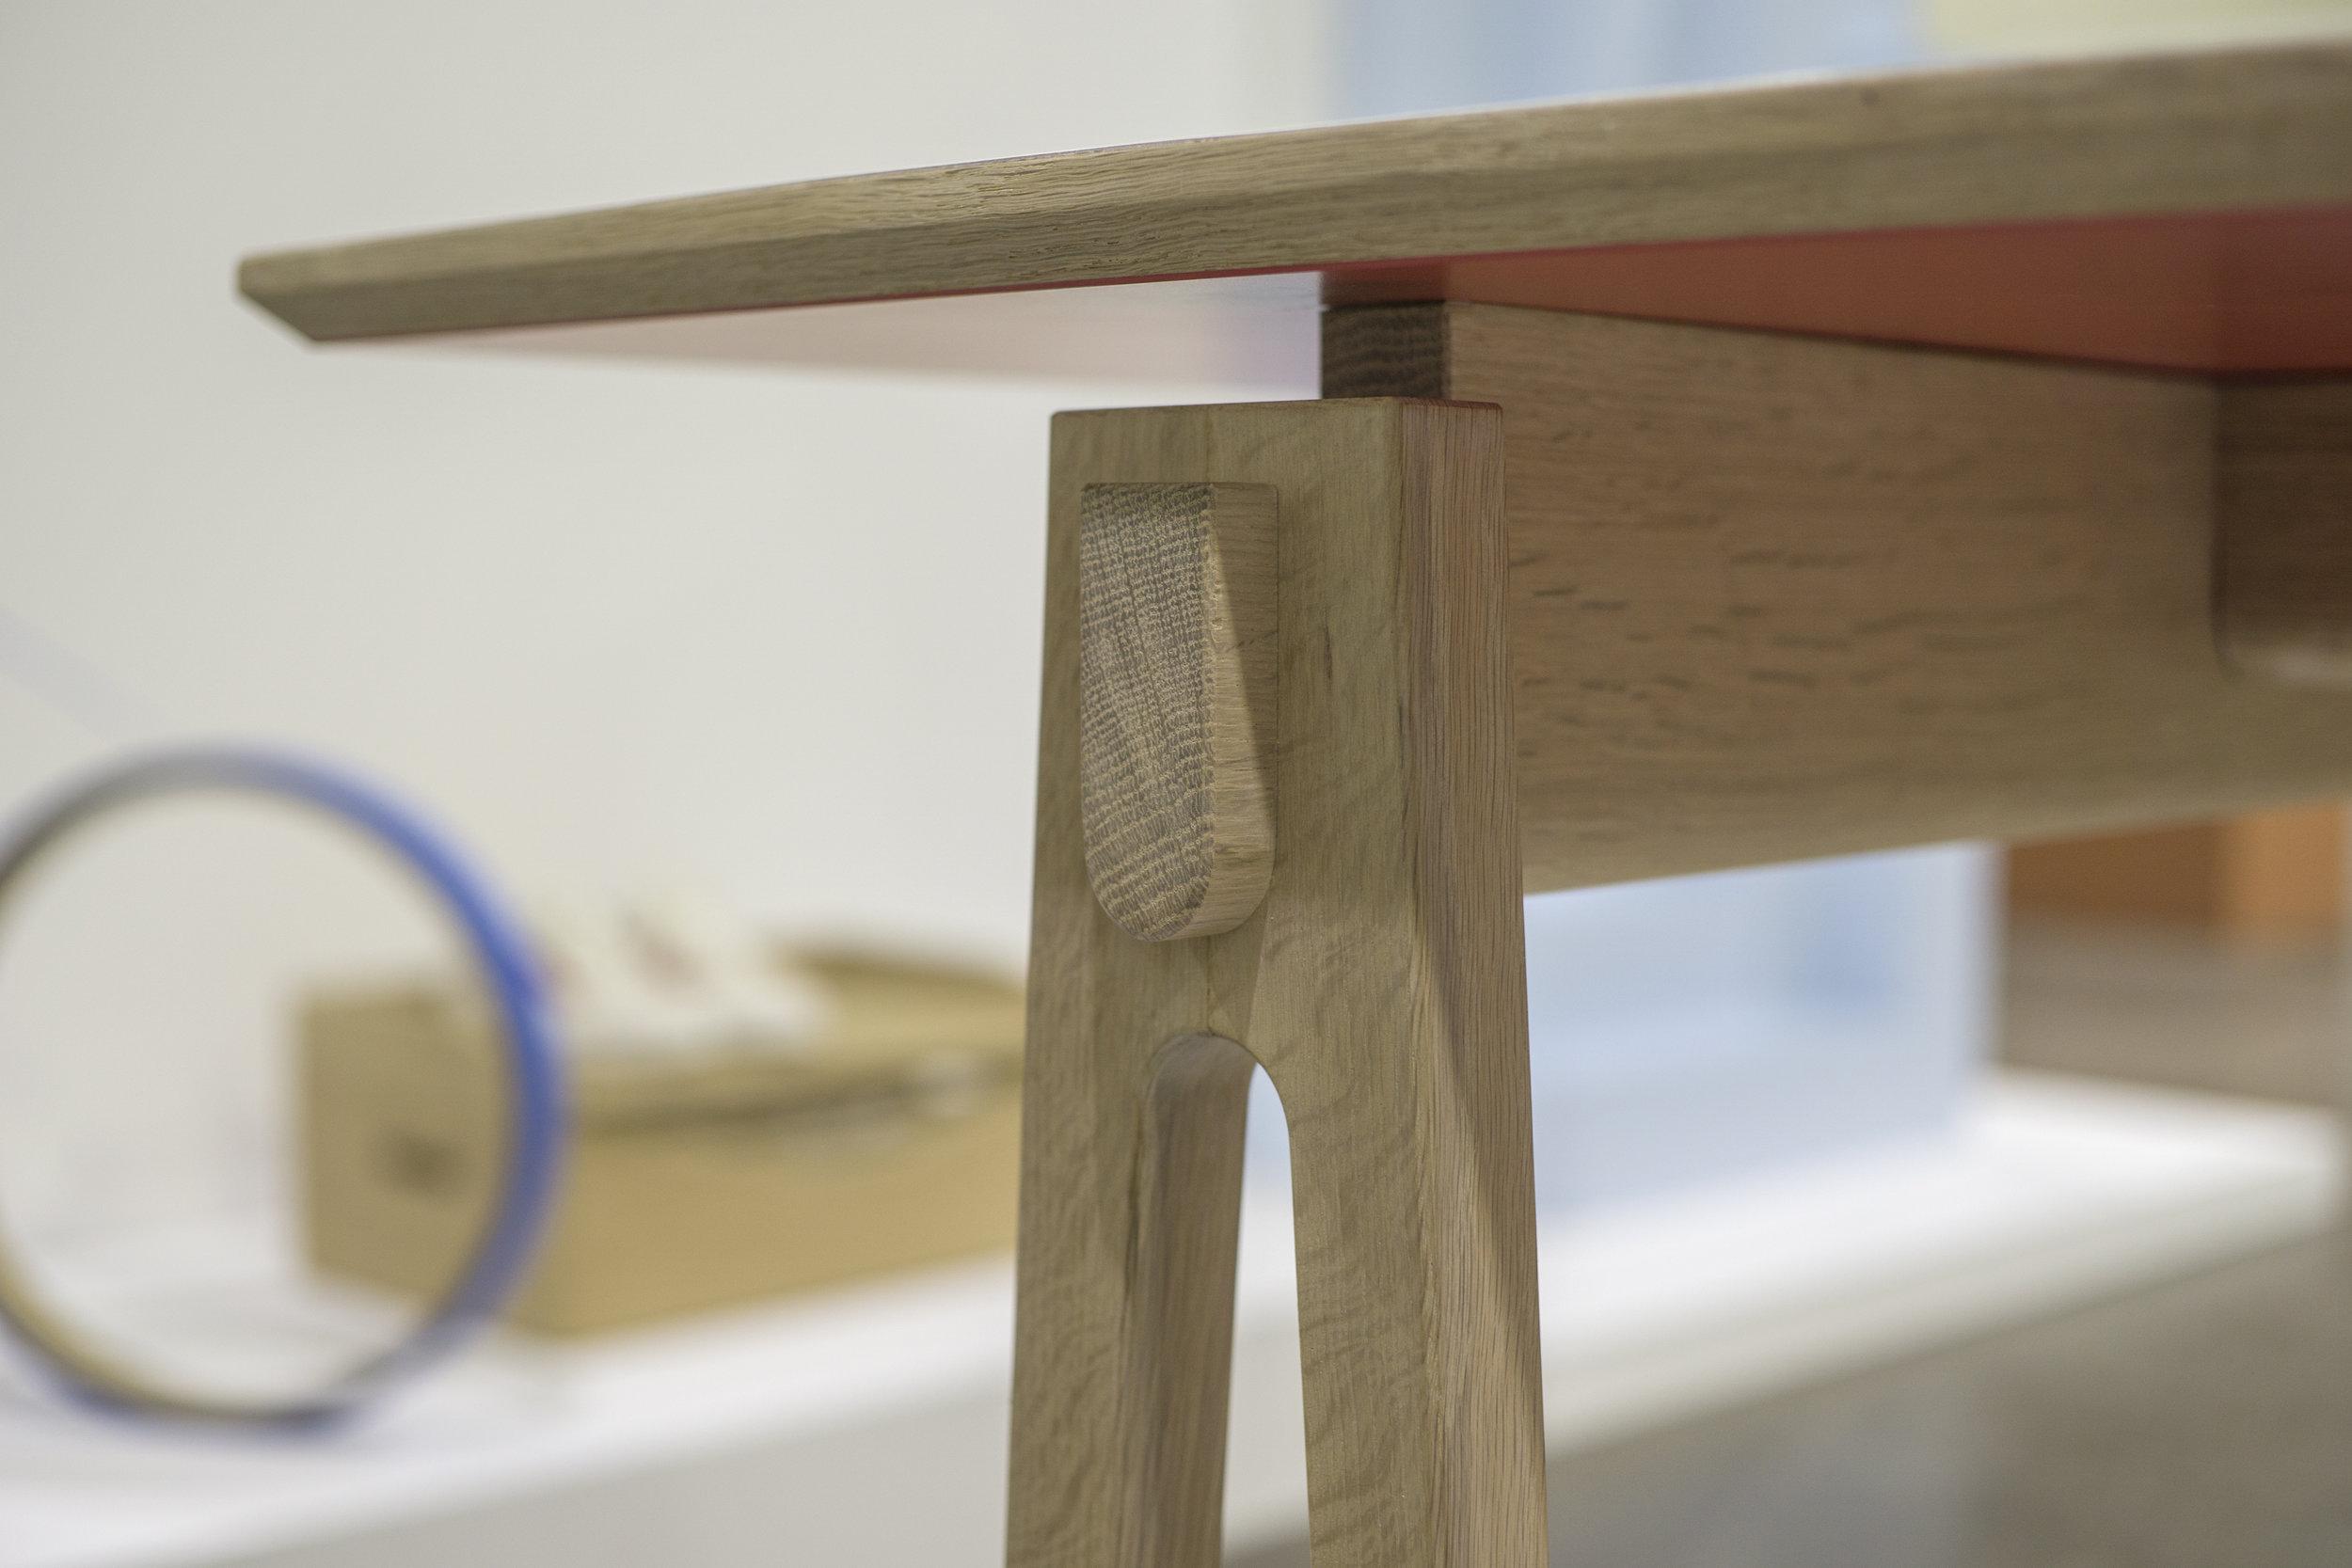 Table Underside Tape.jpg